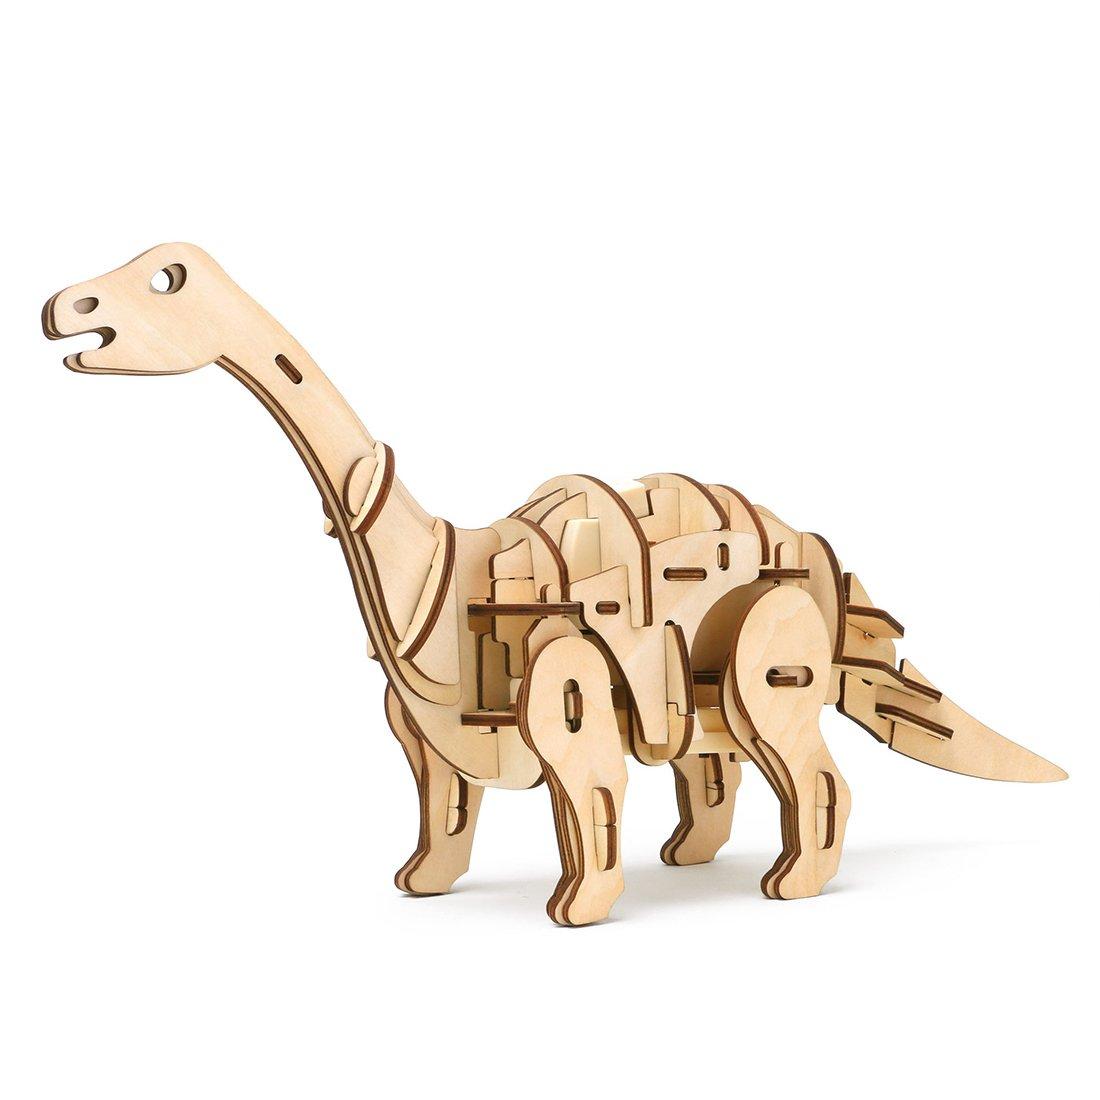 KEHUASHINA DIY Holzspielzeug Sound und Lichtsteuerung T-Rex Dinosaurier Apatosaurus 3D Puzzle Beste Geburtstagsgeschenke für Kinder